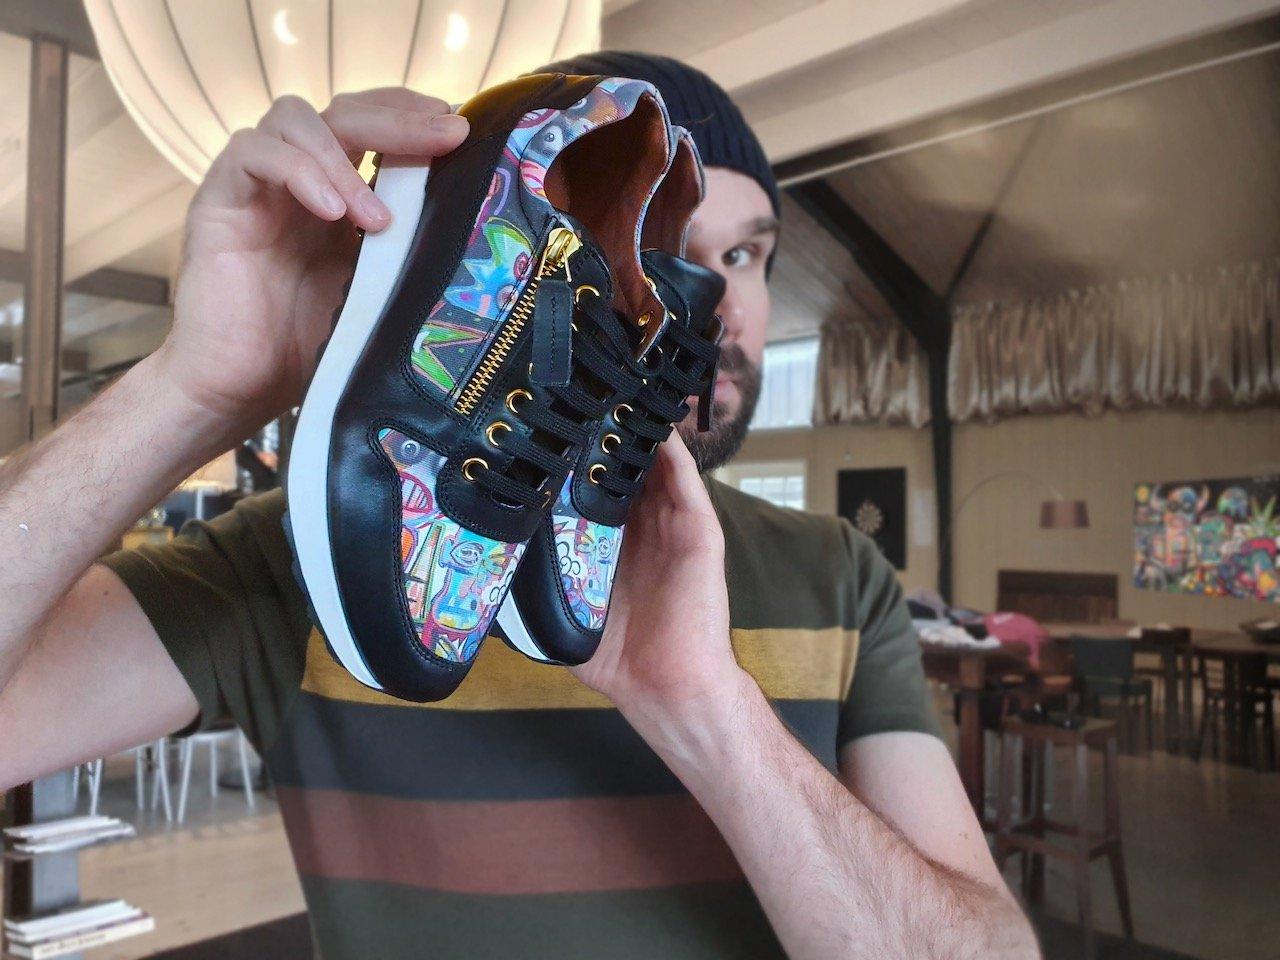 Kara sneaker Devils Marbles linkkens x Ramon Bruin from LINKKENS